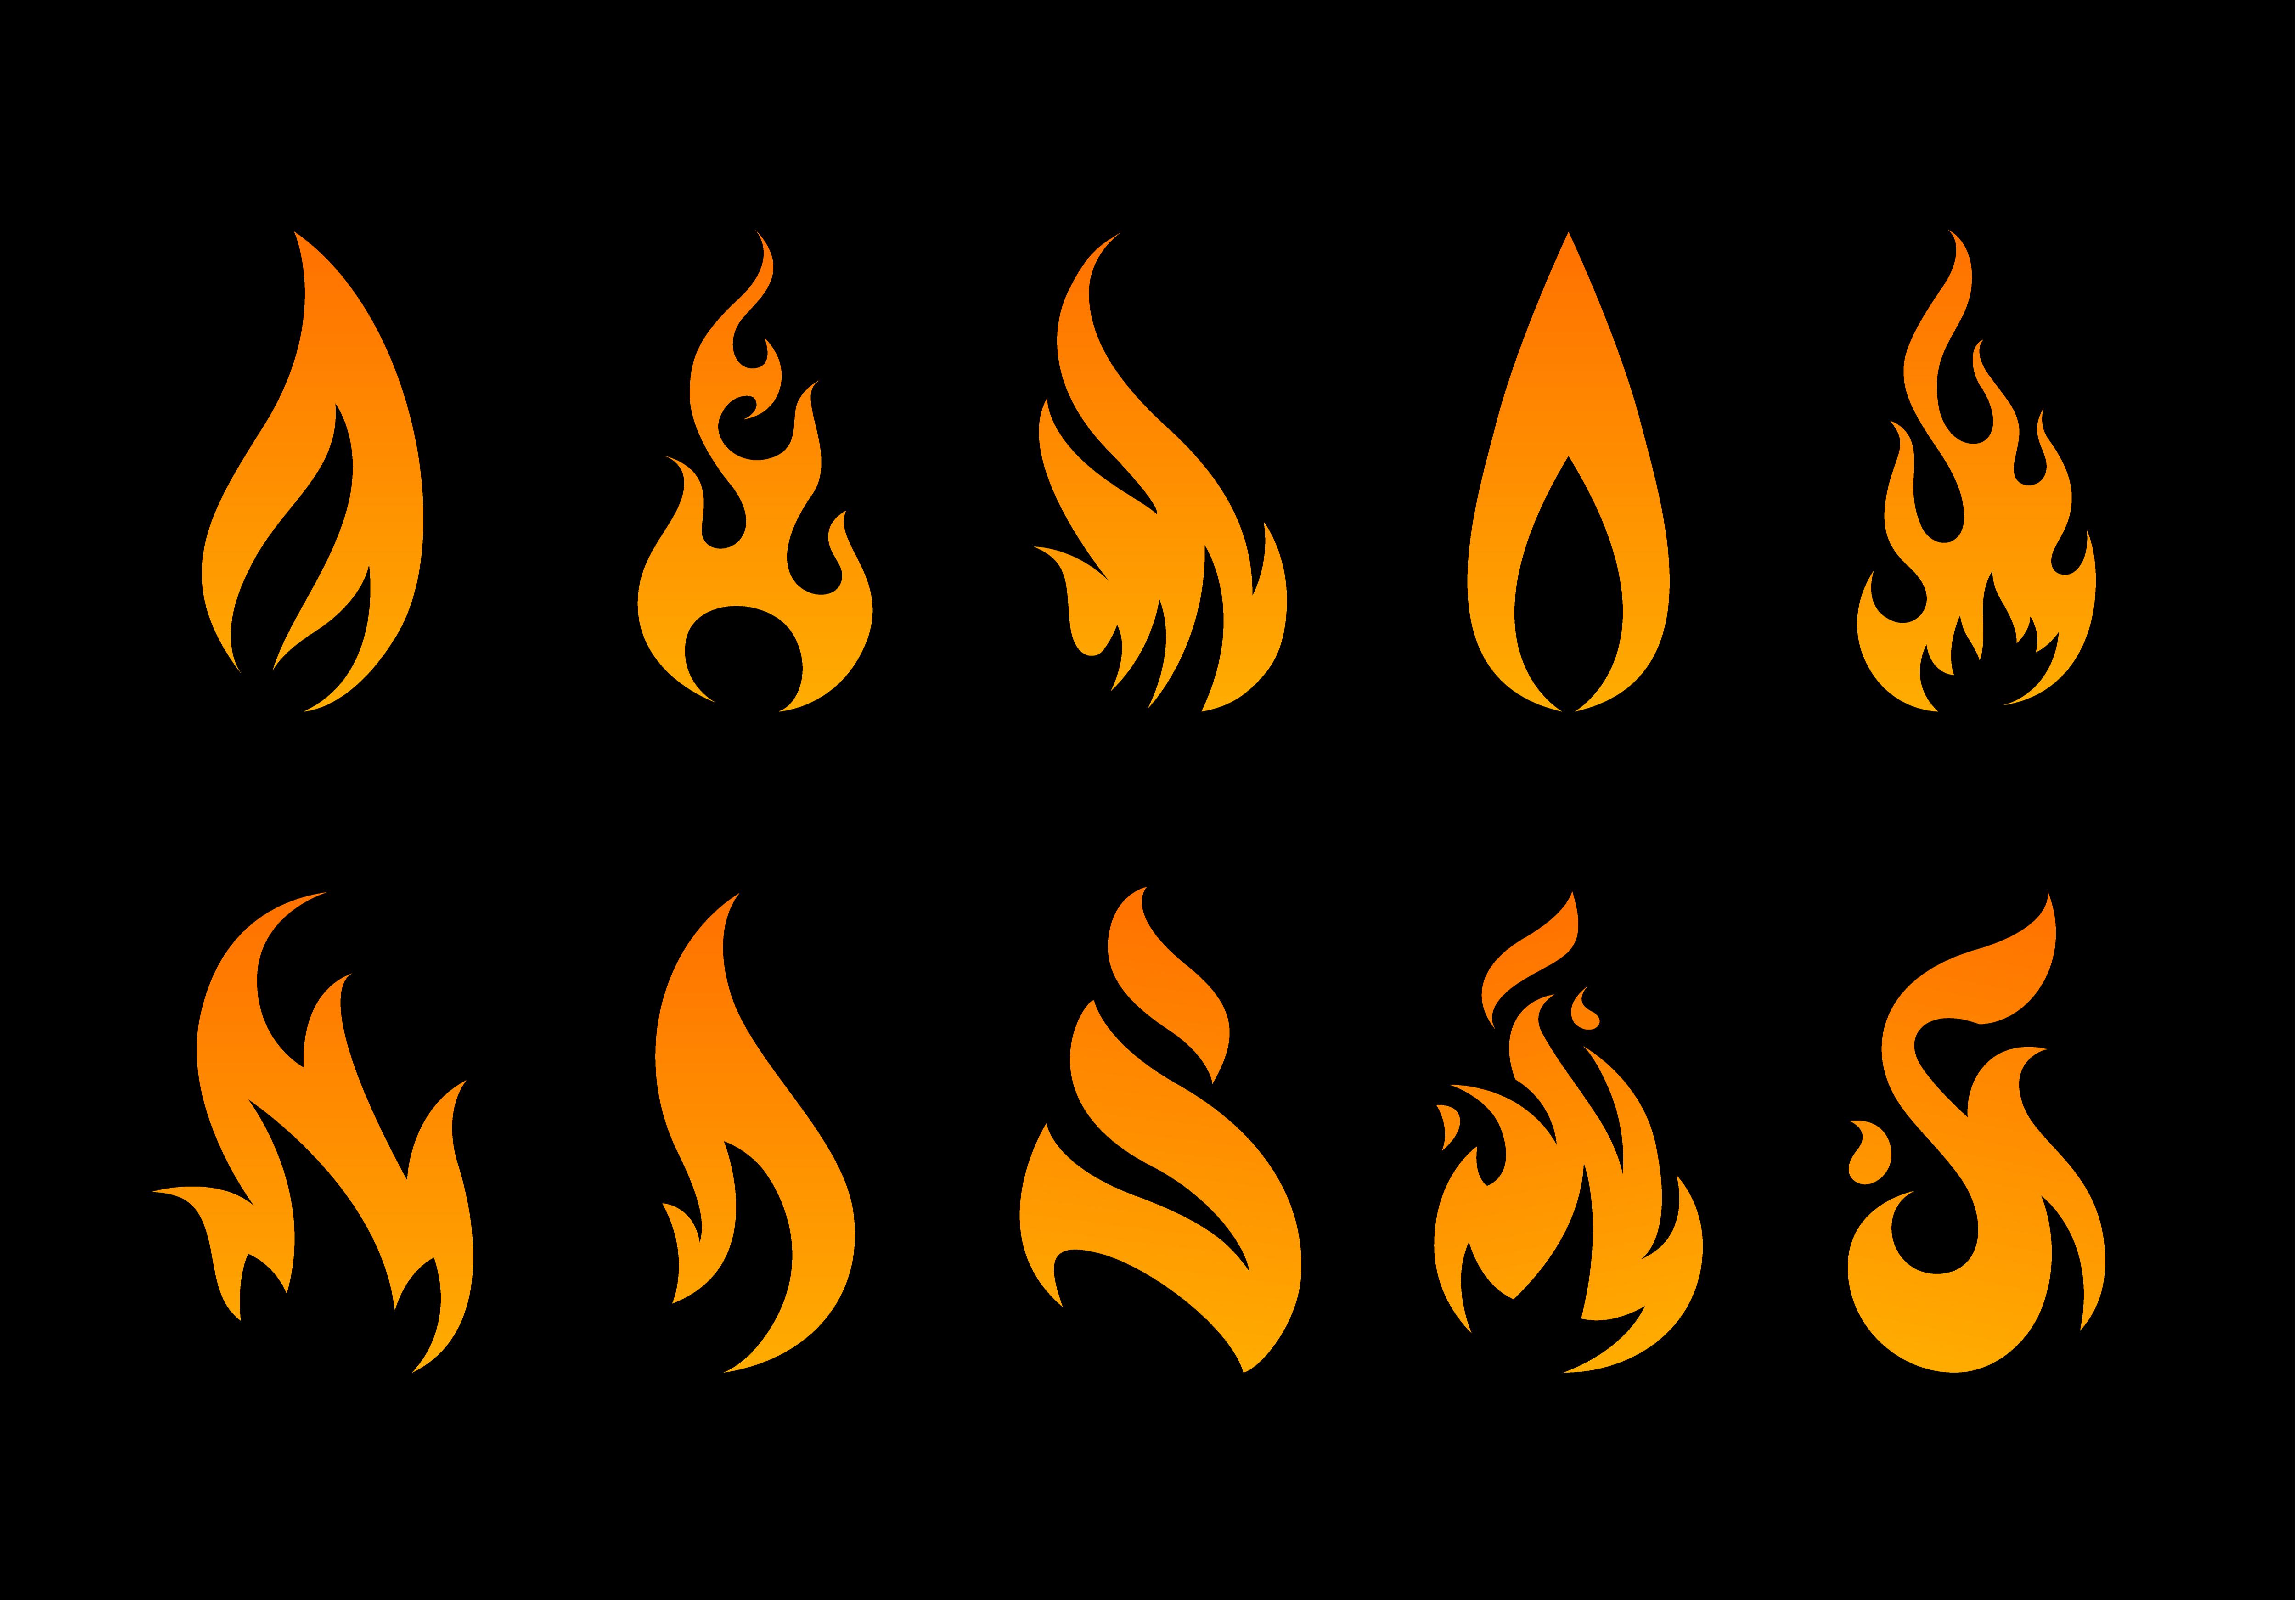 Vector Flame Shapes 334274 - Download Free Vectors ...